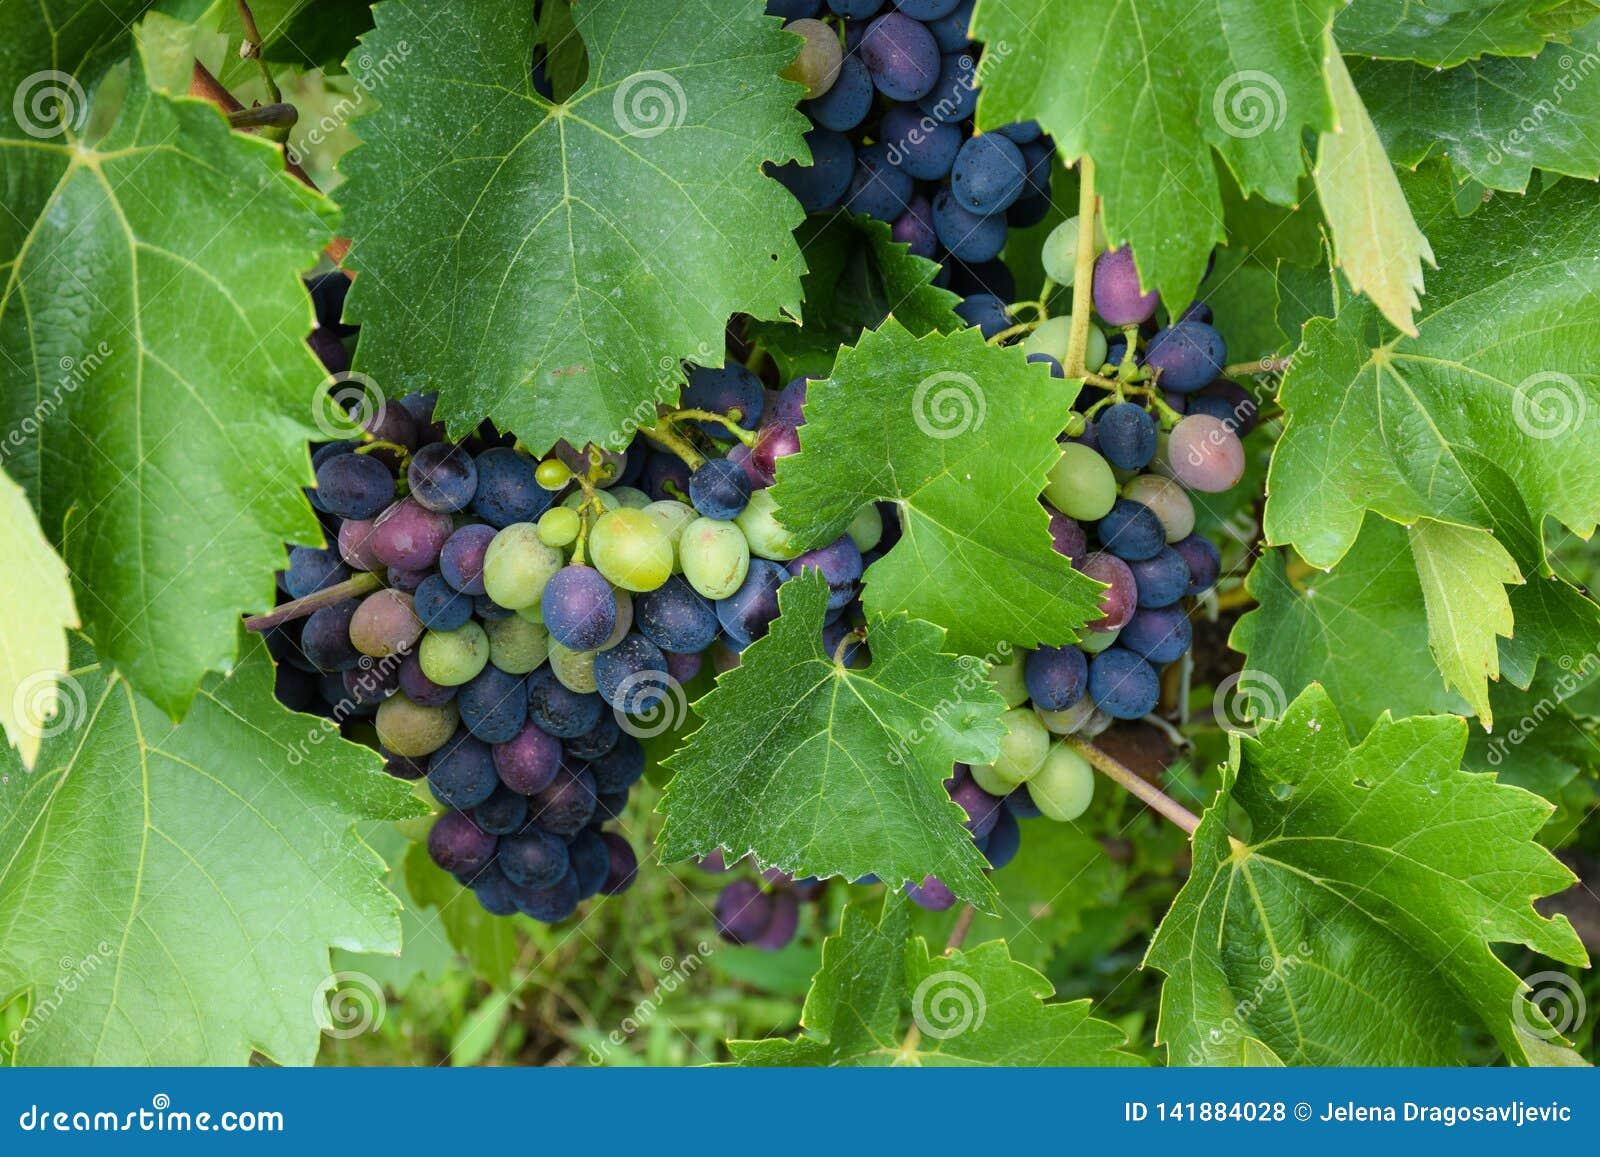 Gruppen von den frischen roten Weinreben, die unter Weinstock und grünen Blättern wachsen